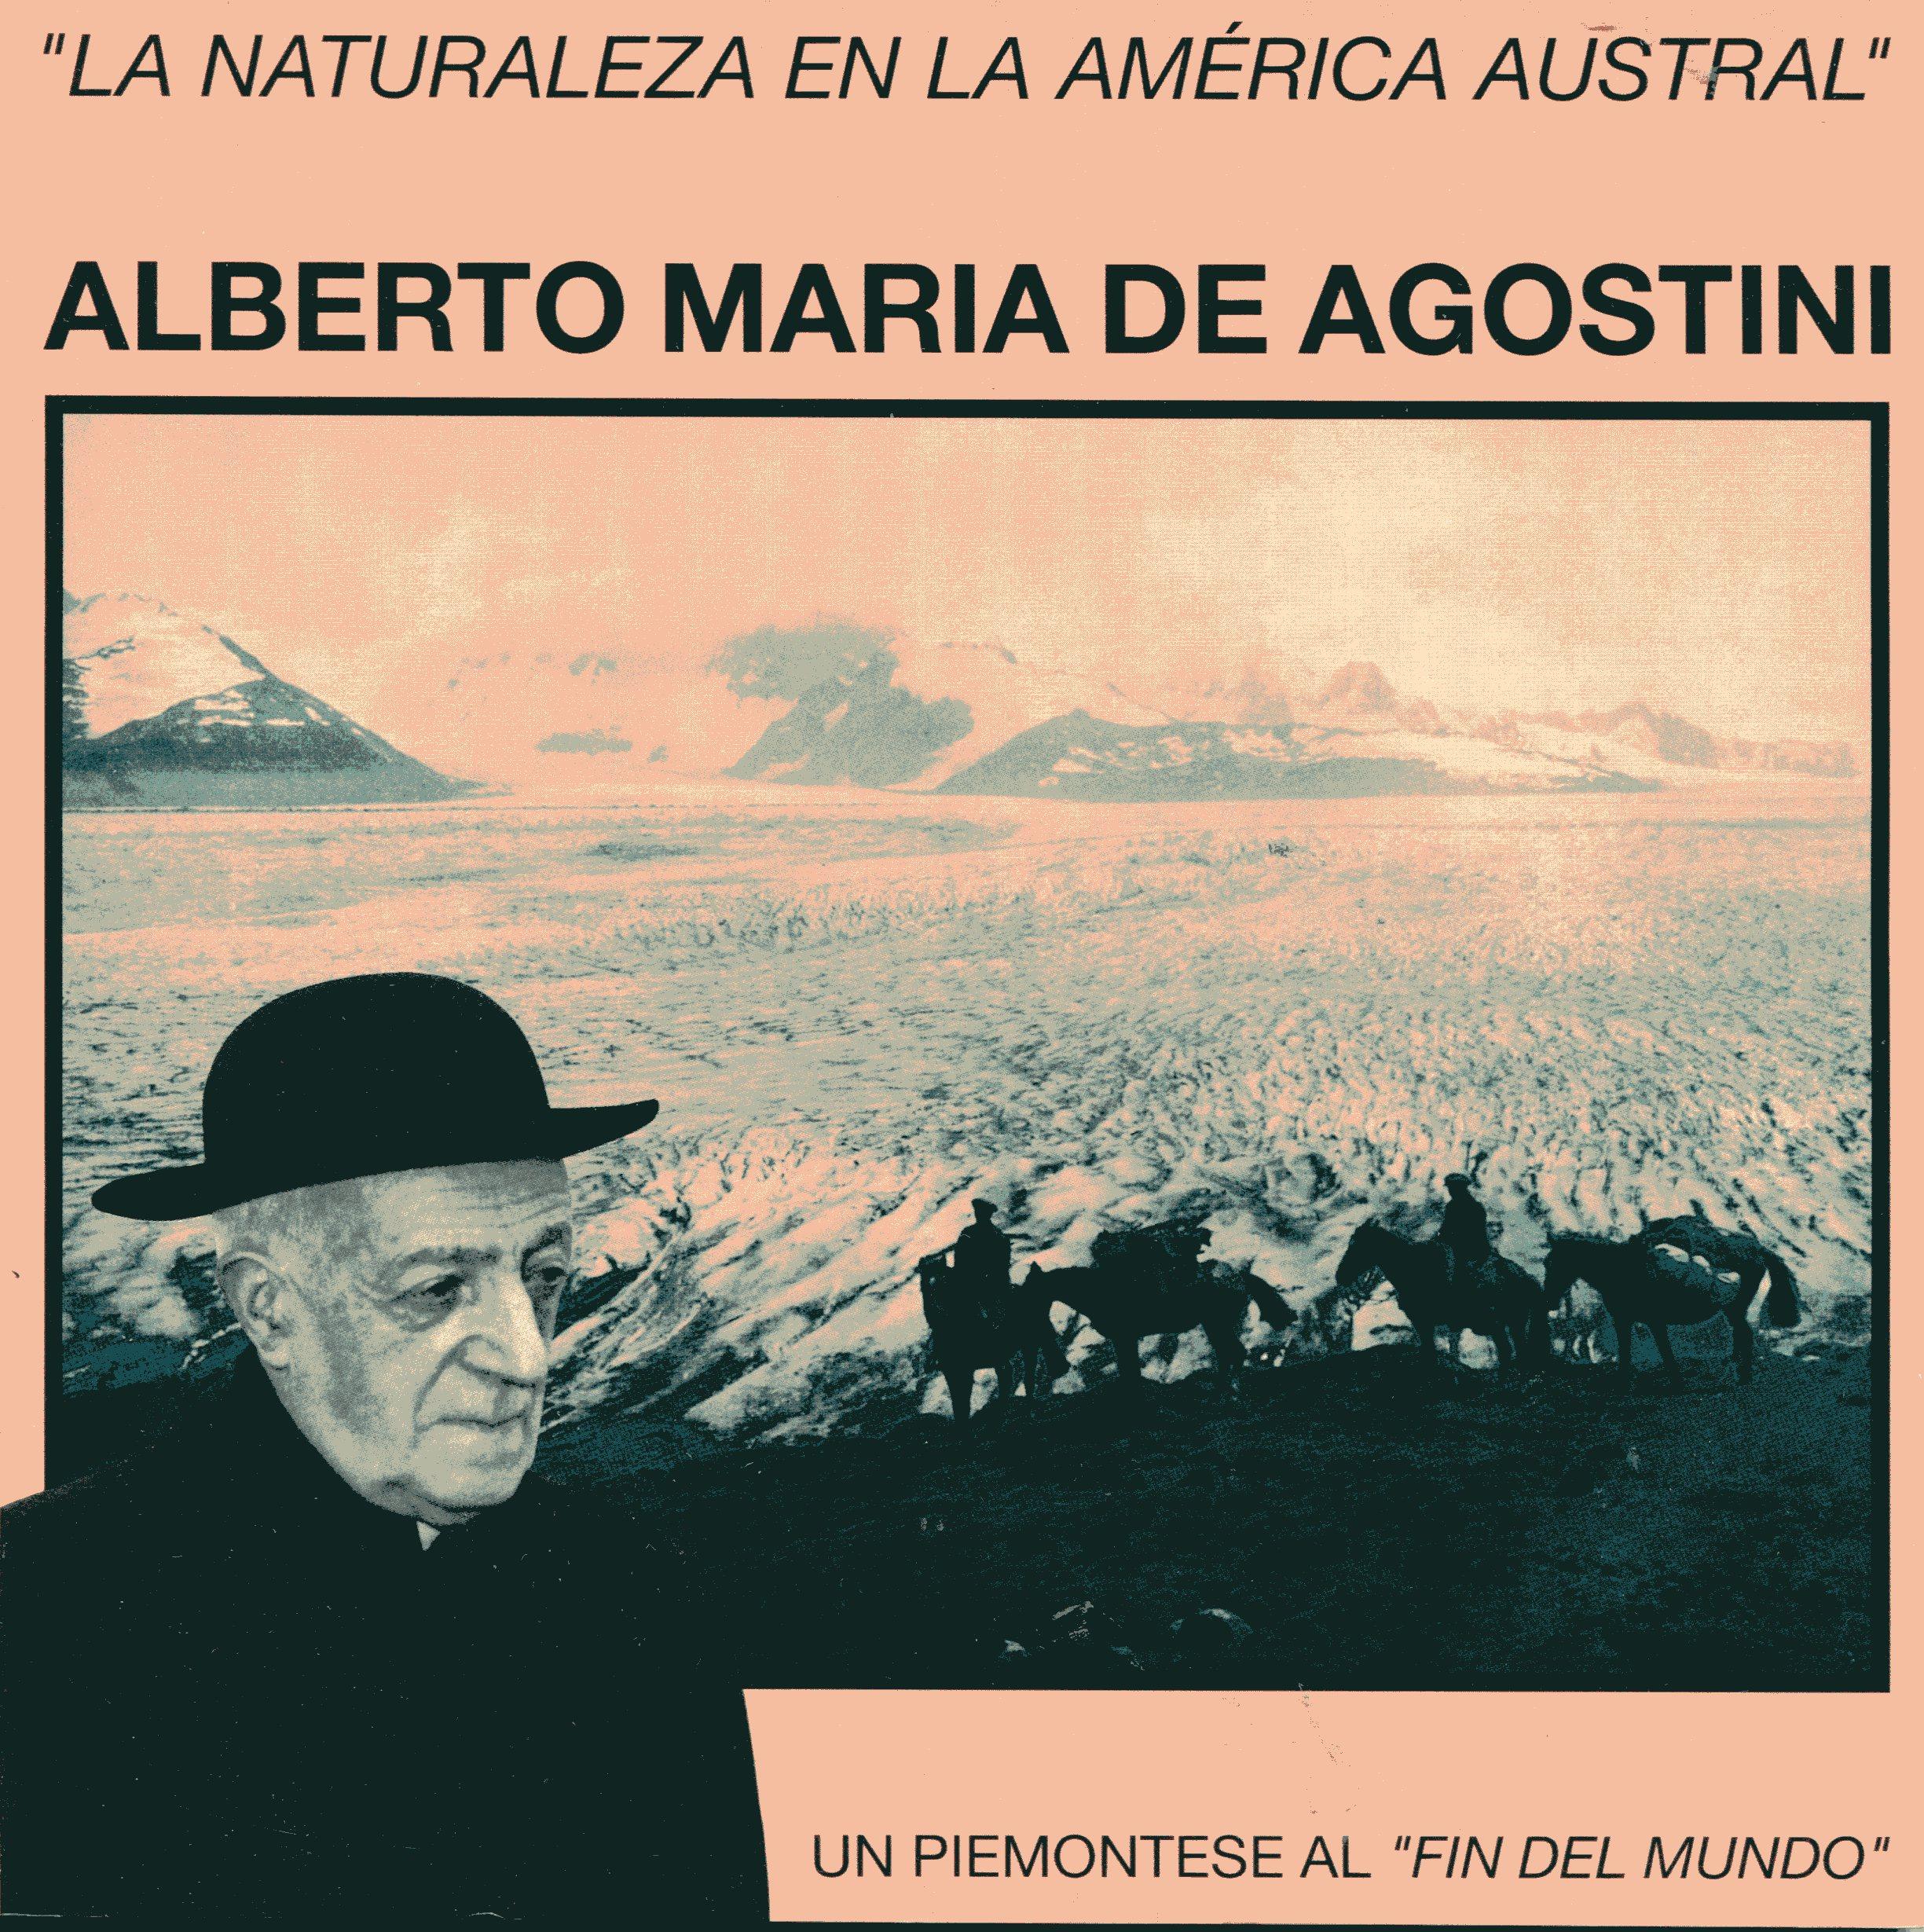 Alberto Maria De Agostini